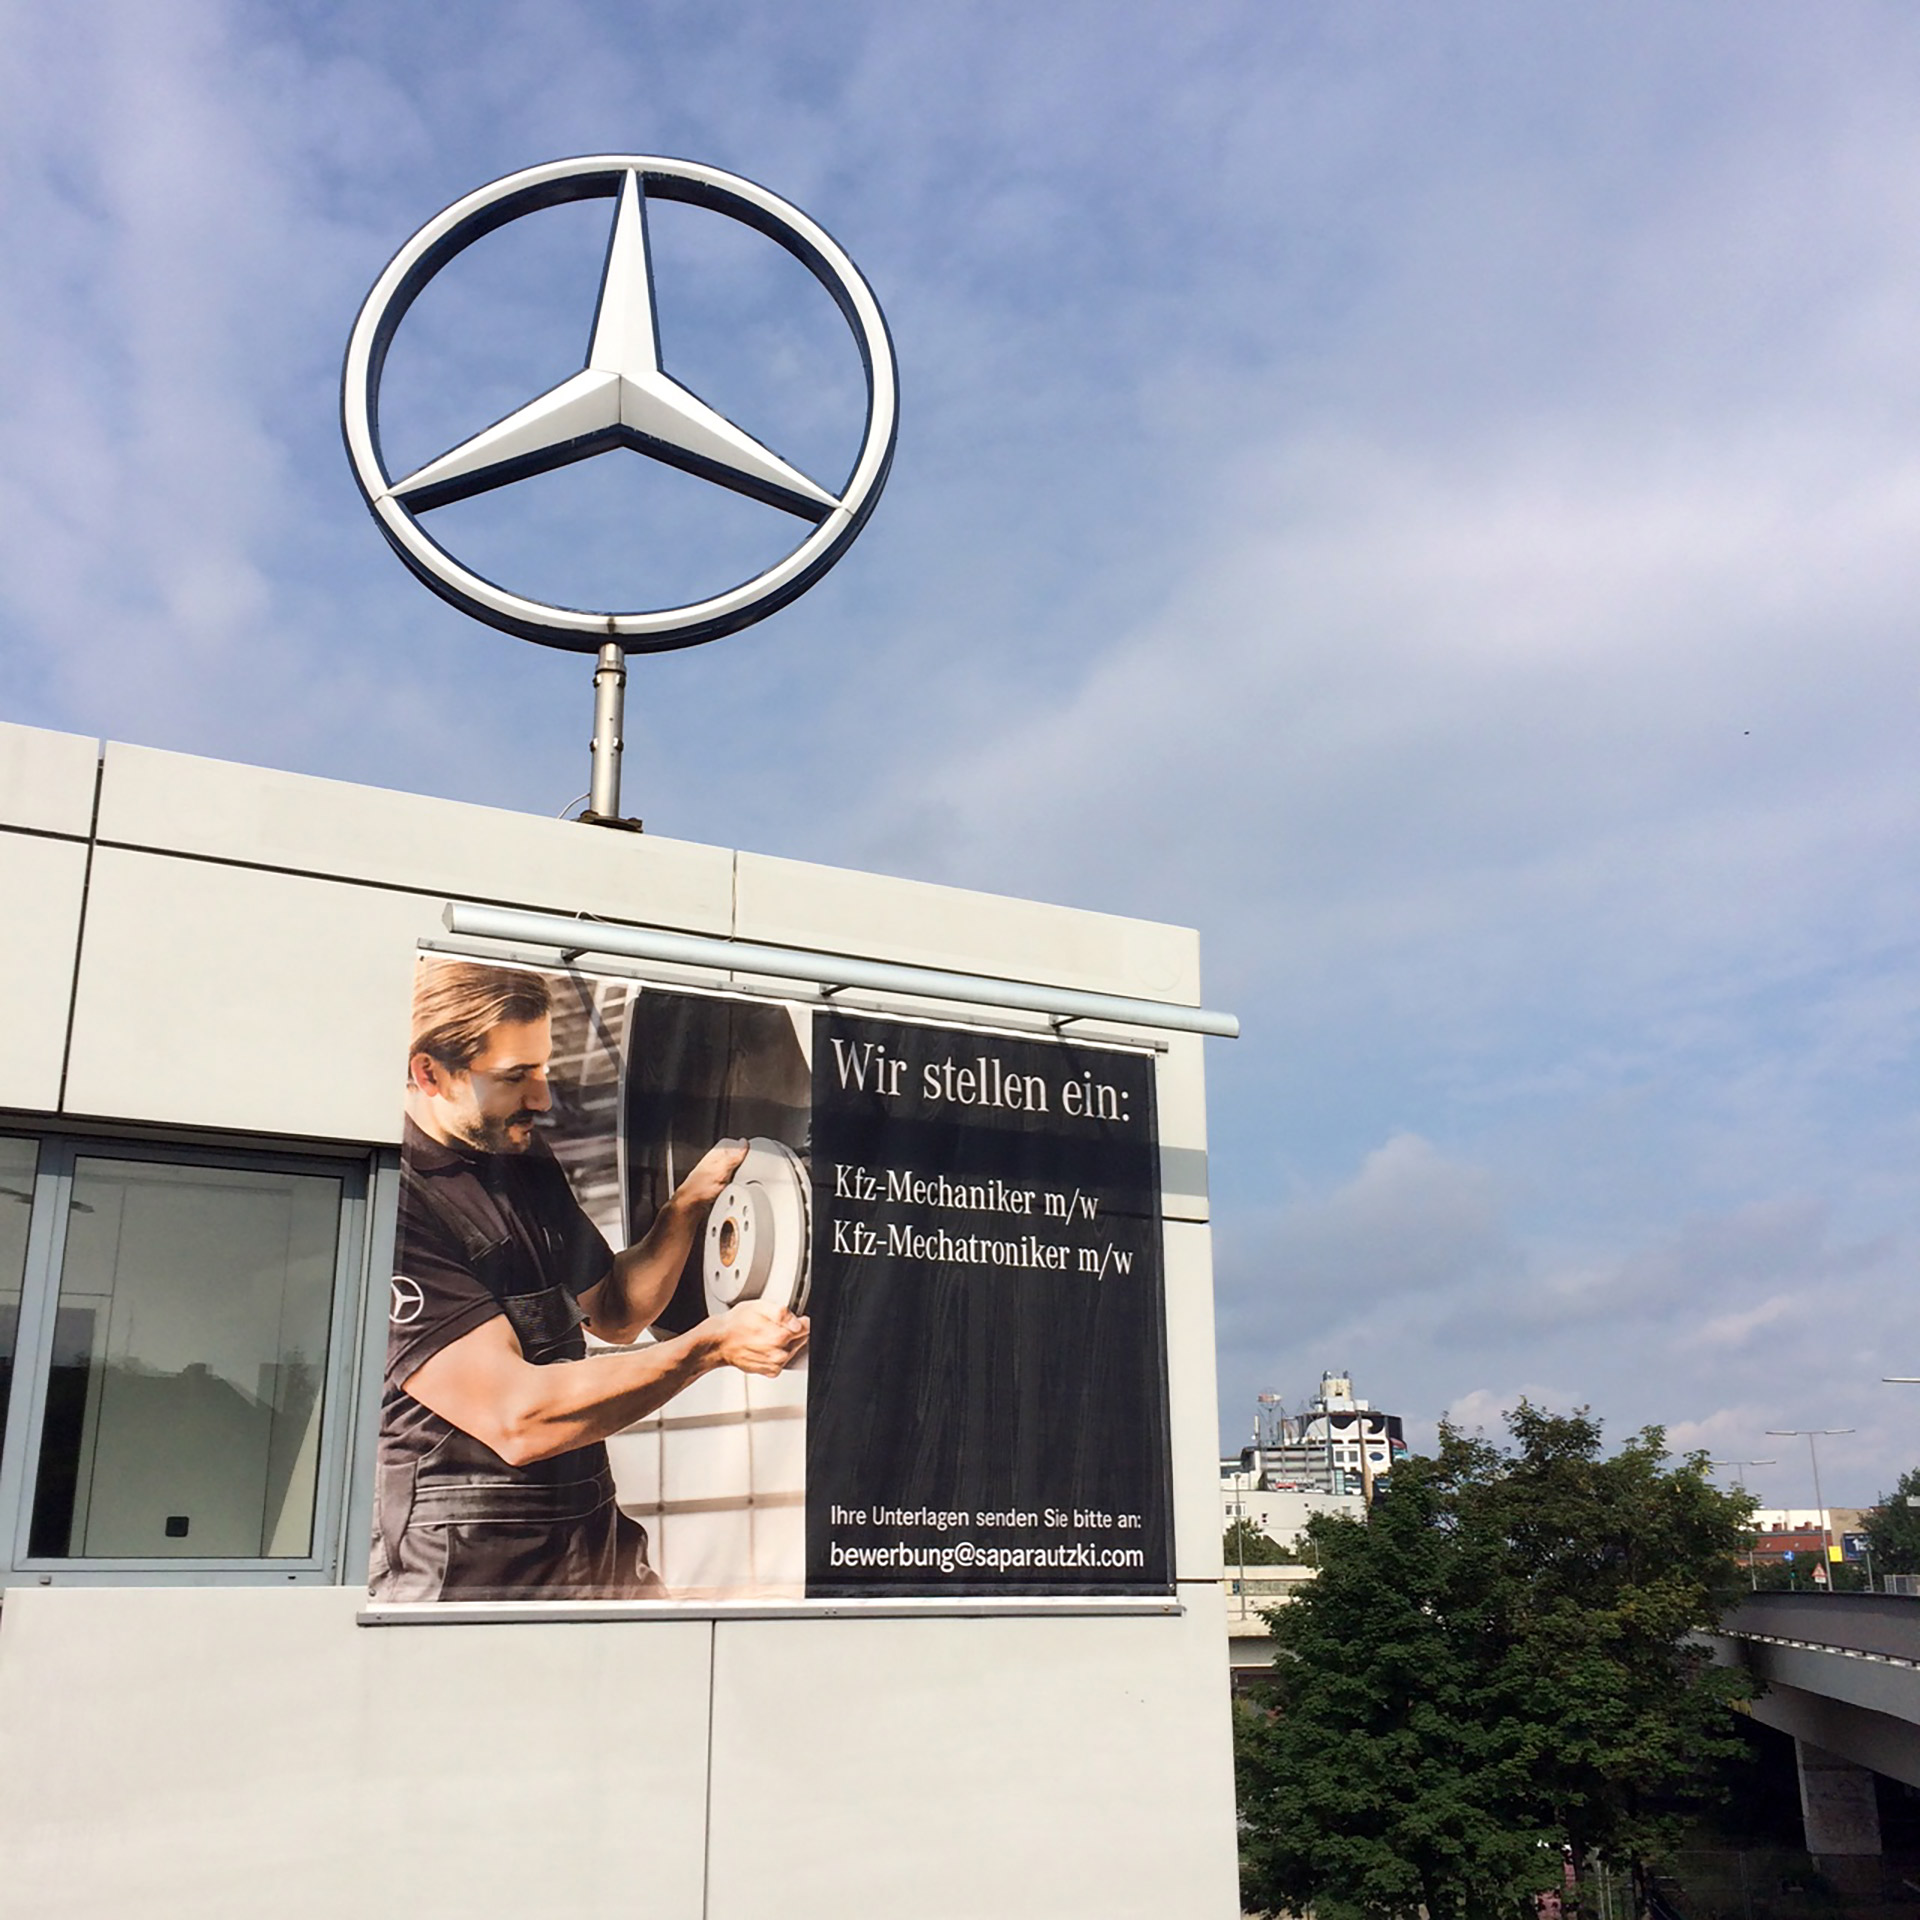 Auto-MB-Fassadennetz-Matti-Michalke-Berlin-Brandenburg-Aussenwerbung-Innenwerbung-Banner-Planen-Folien-Werbemittel-Druck-Print